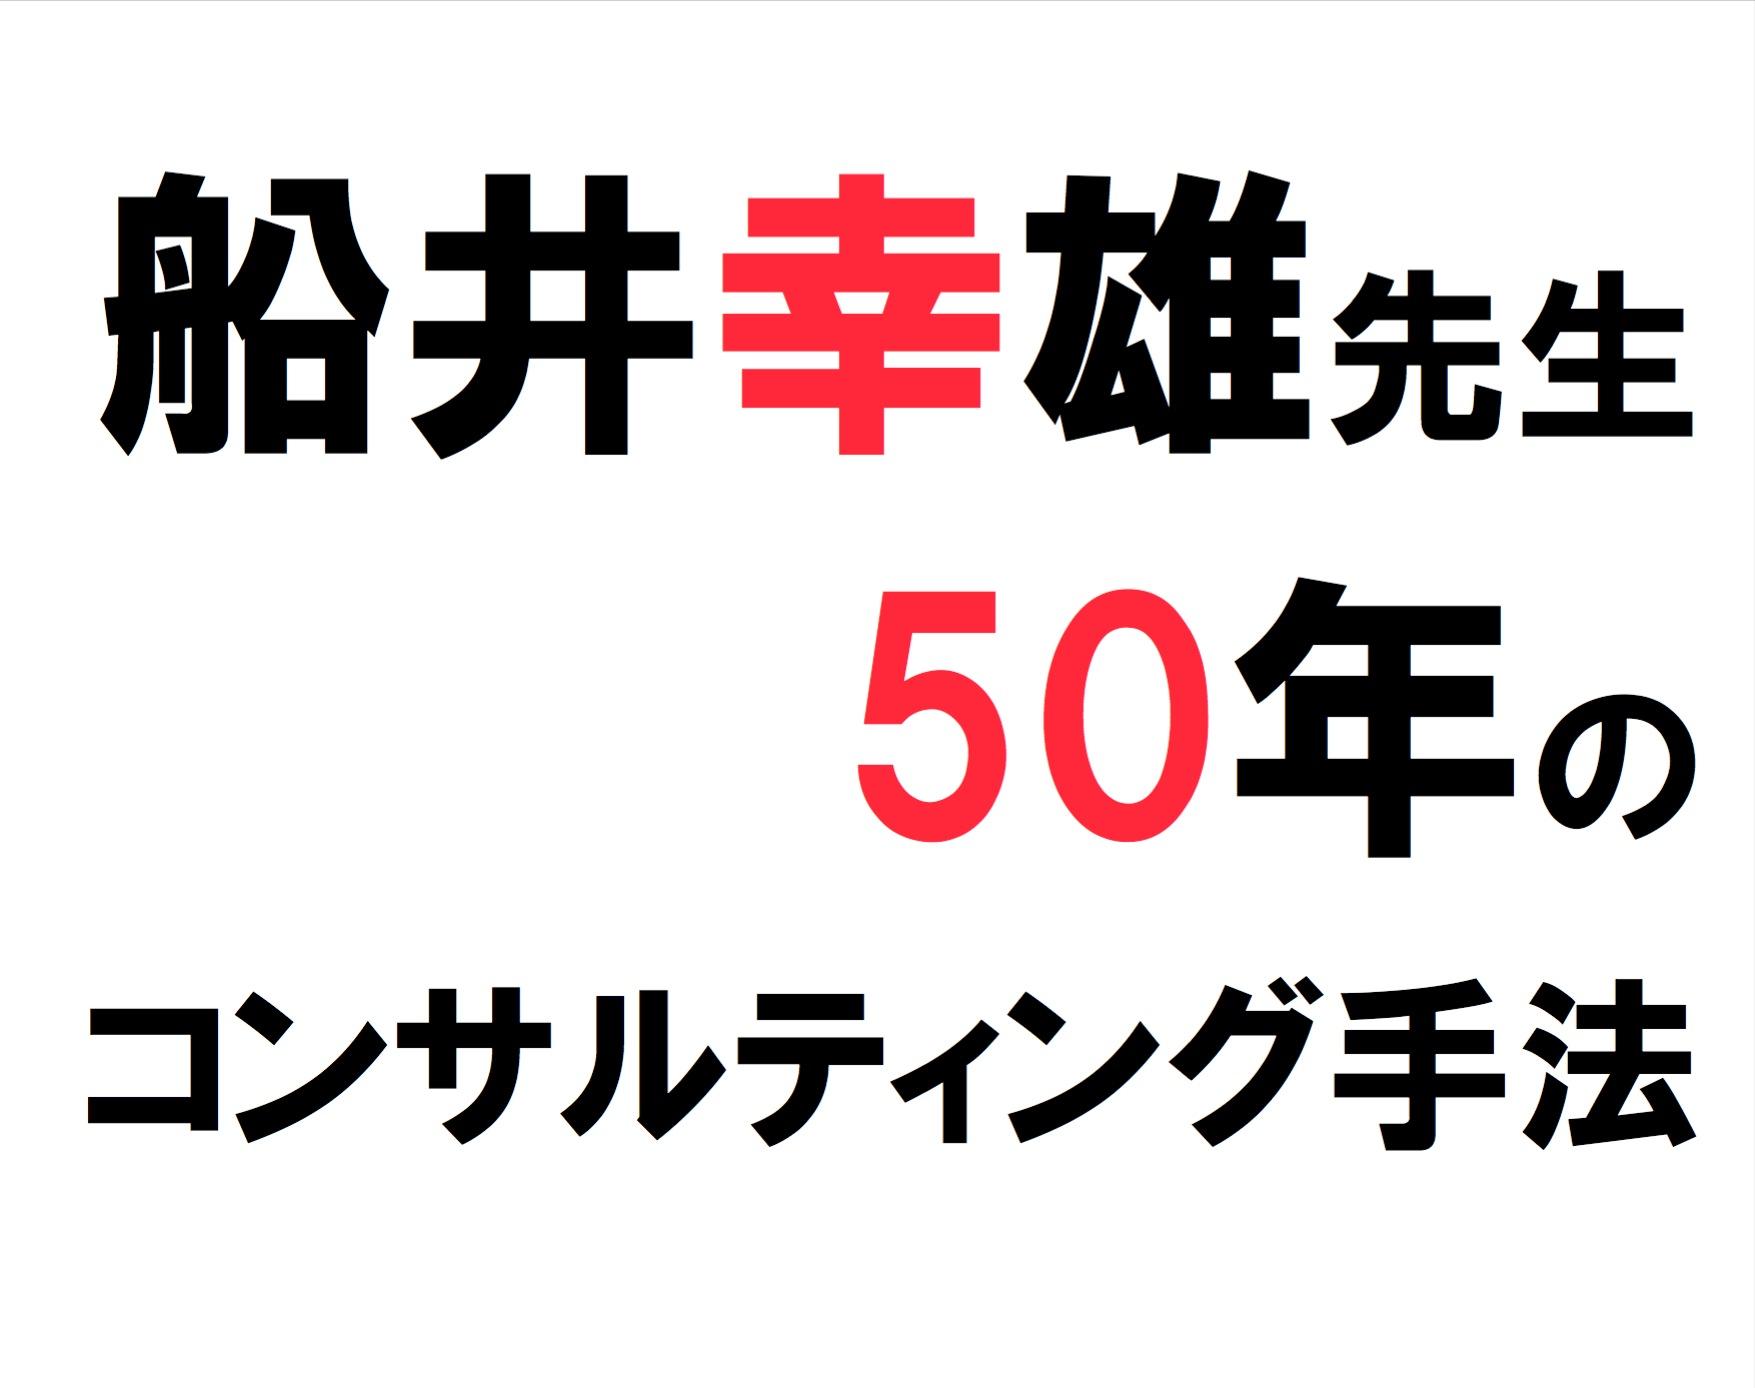 2014年2月ビジネスサークル「つげる」〜船井幸雄先生50年のコンサルティング手法〜